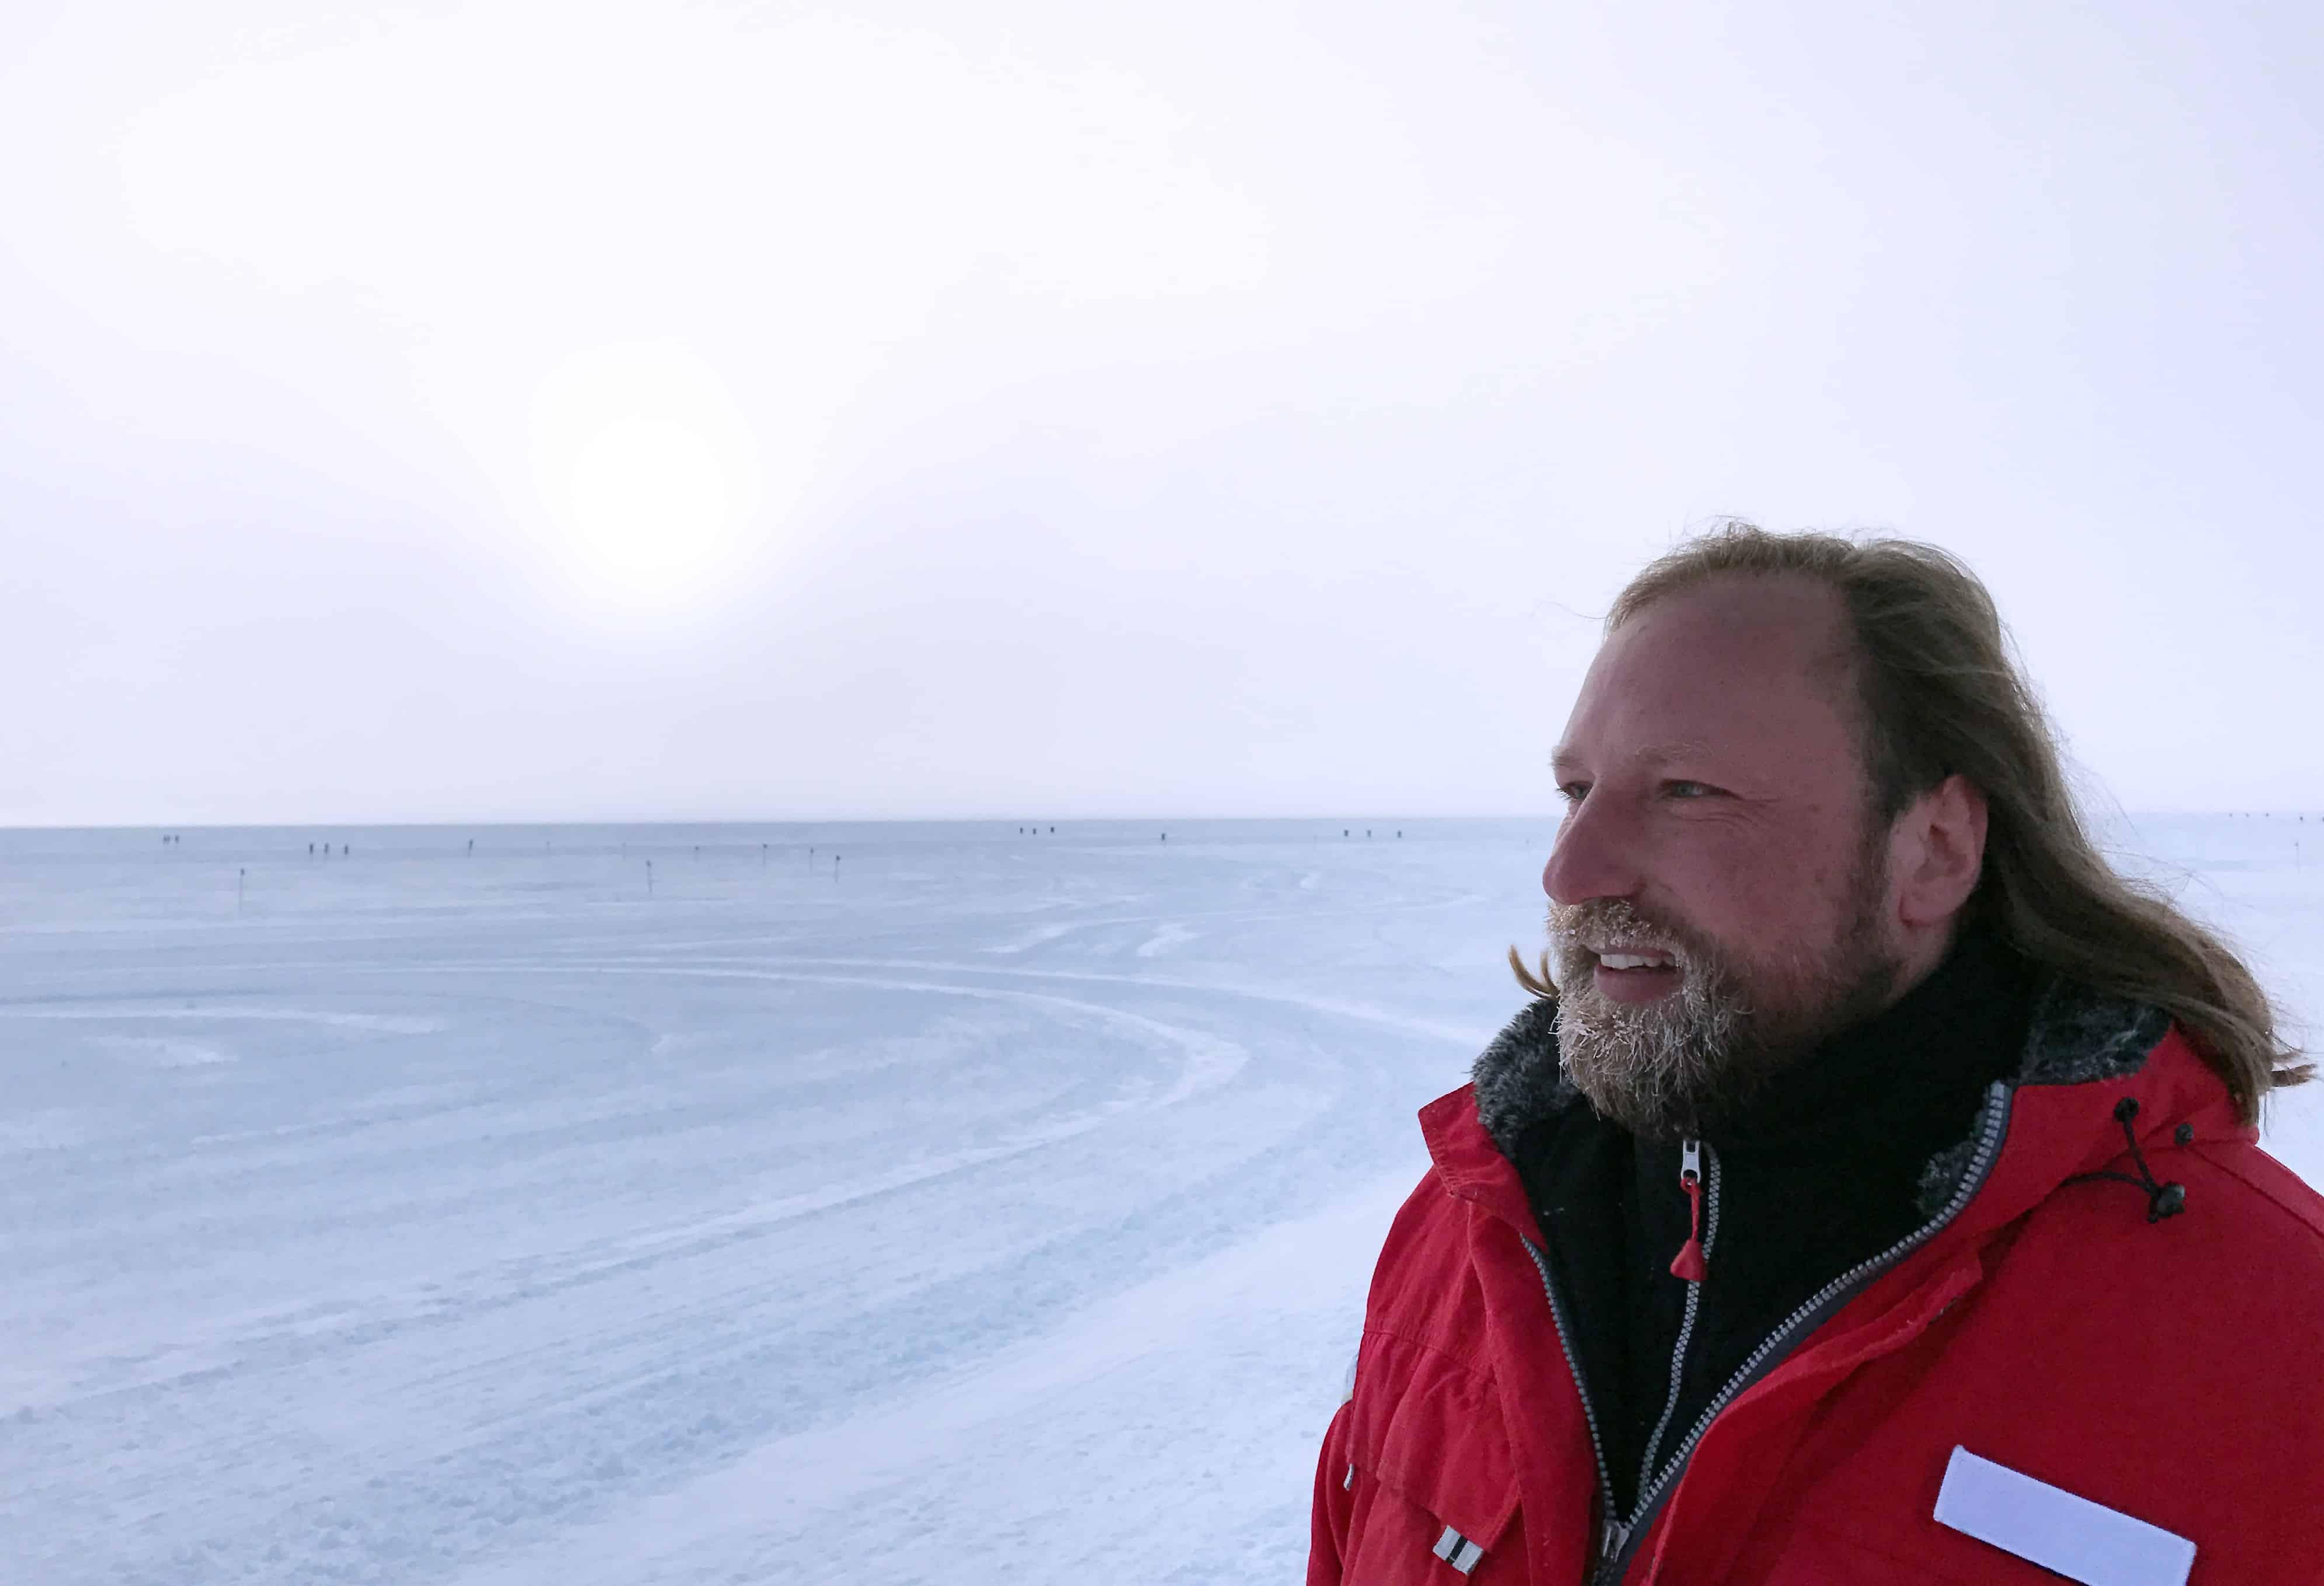 Toni Hofreiter steht vor einer vereisten Landschaft.